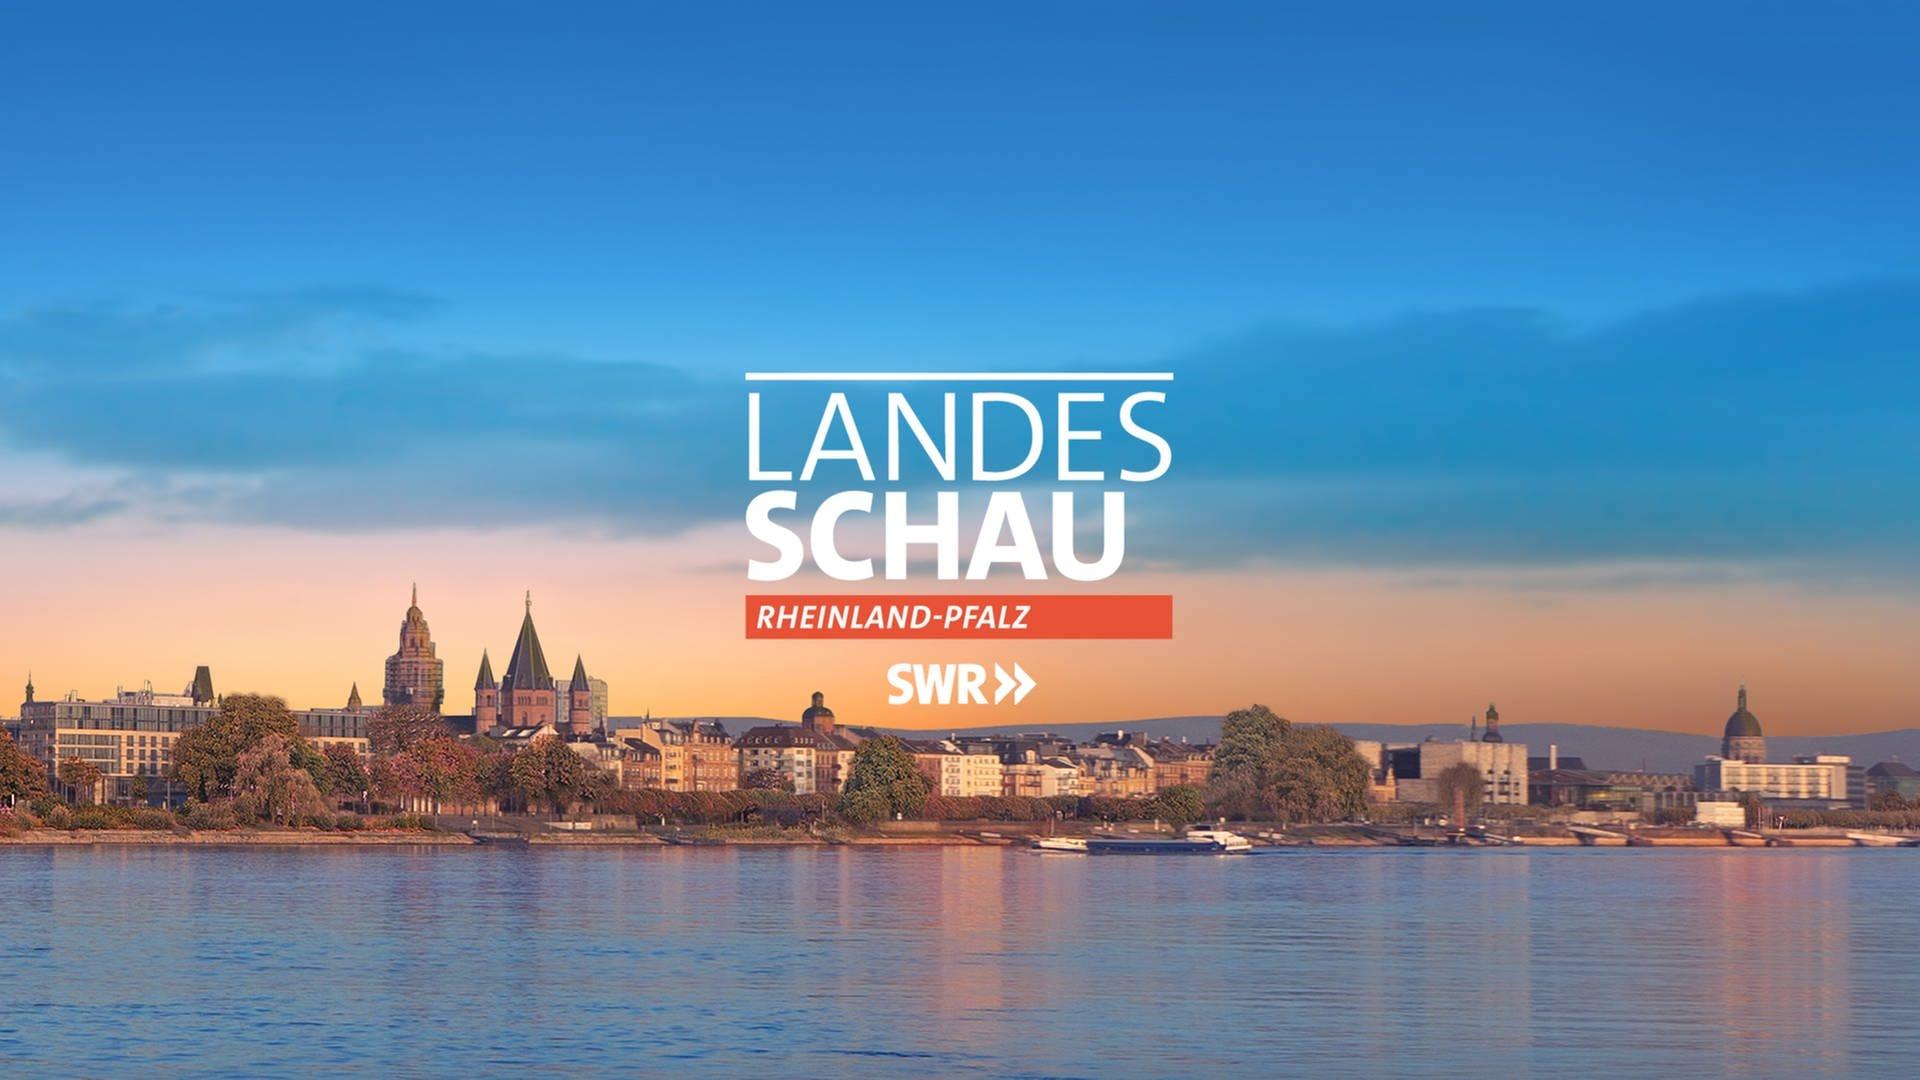 Landesschau Rheinland Pfalz Aktuell